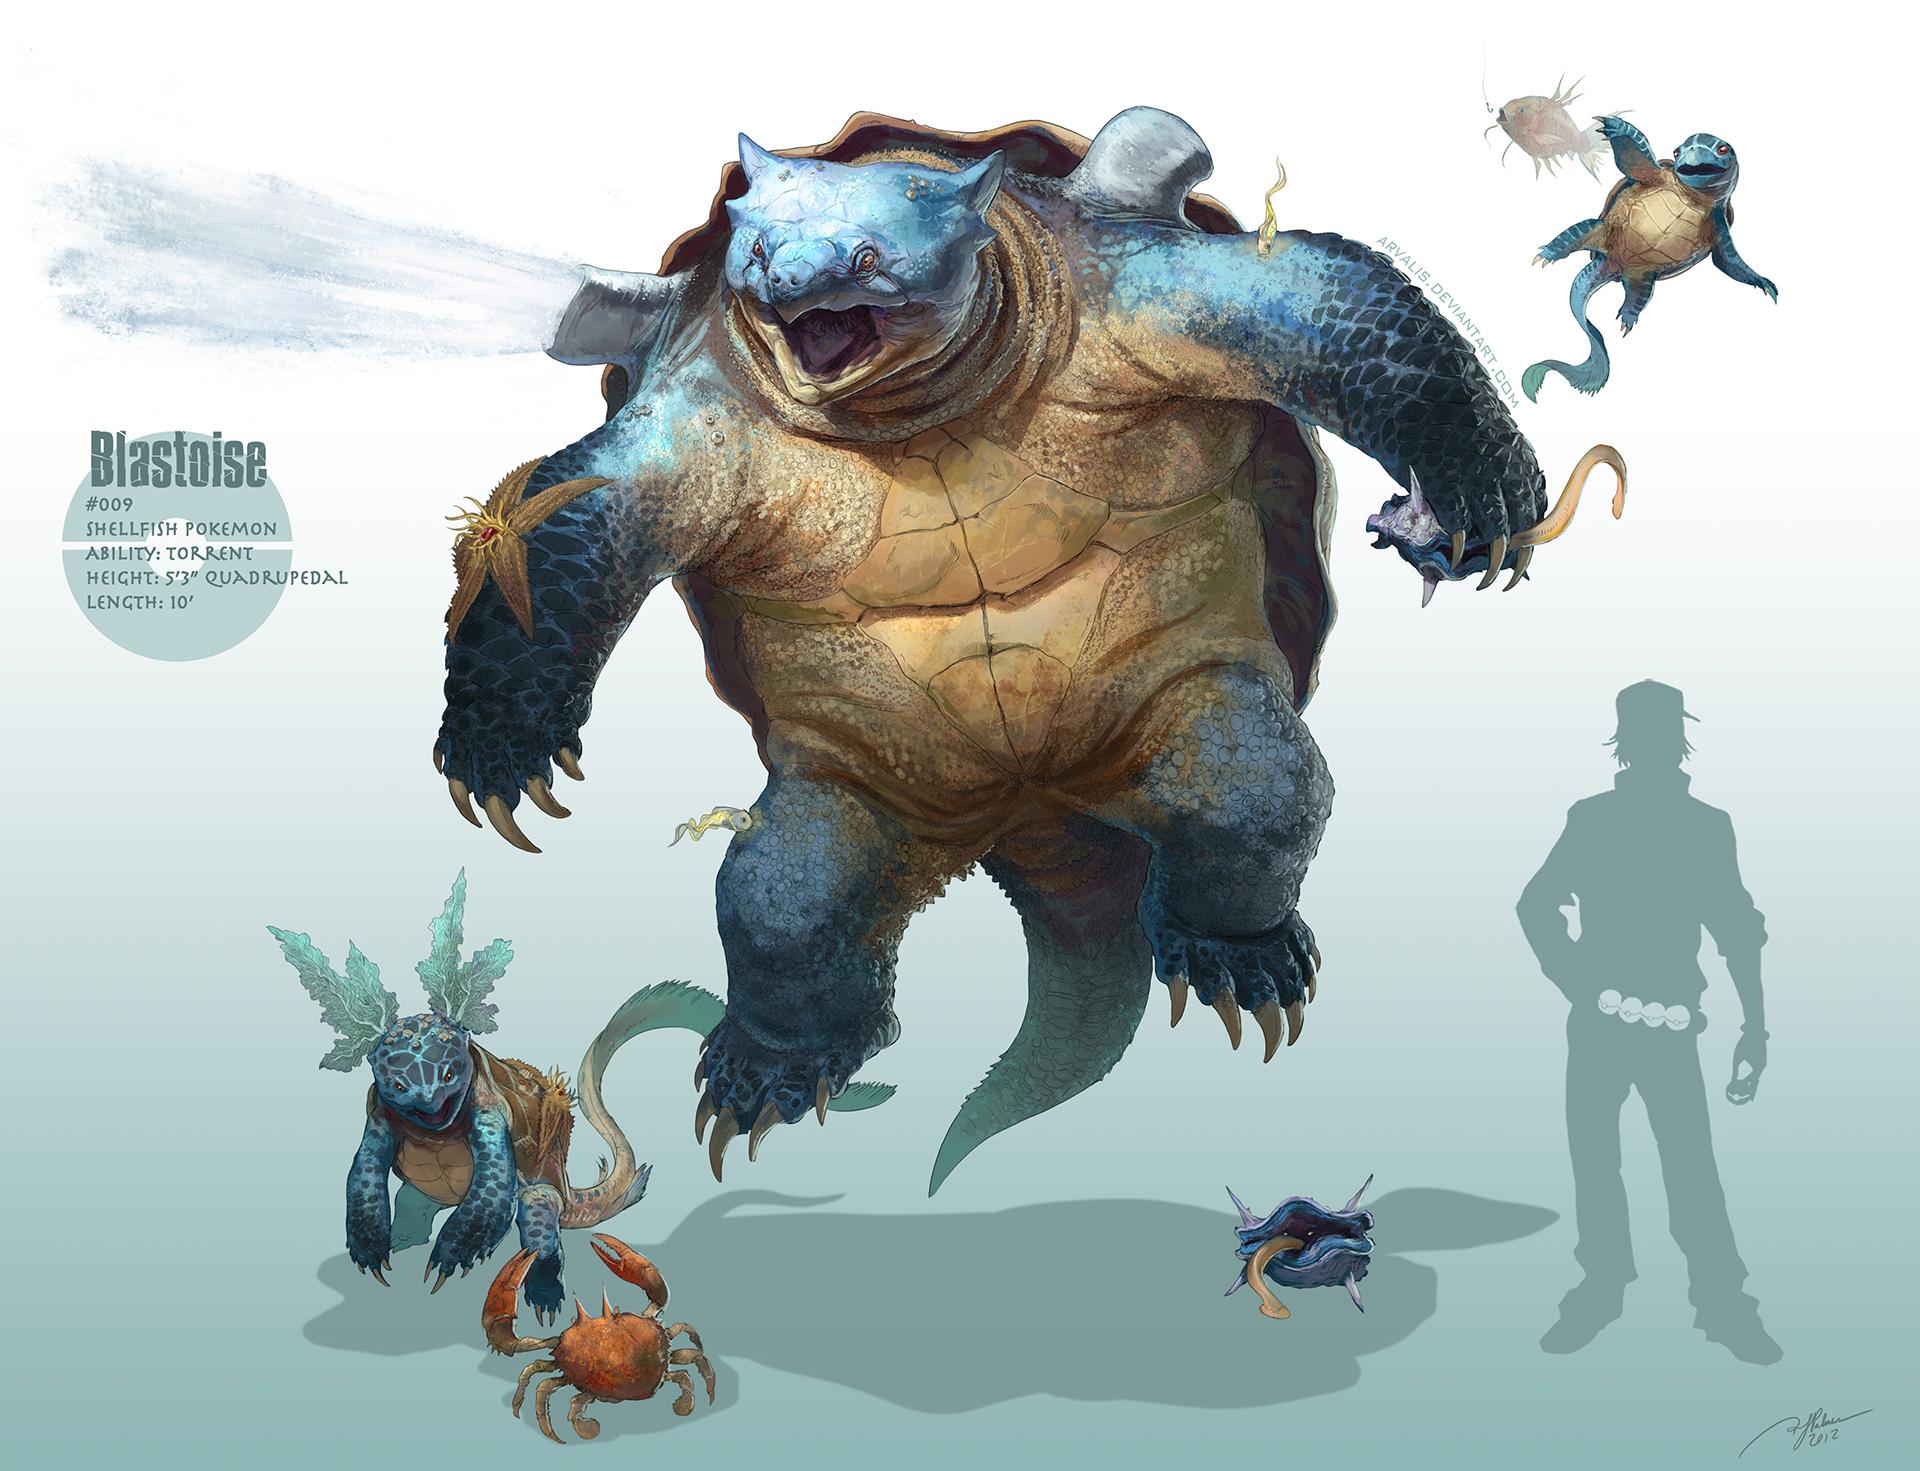 Les Pokémons réalistes et autres digital paintings de RJ Palmer